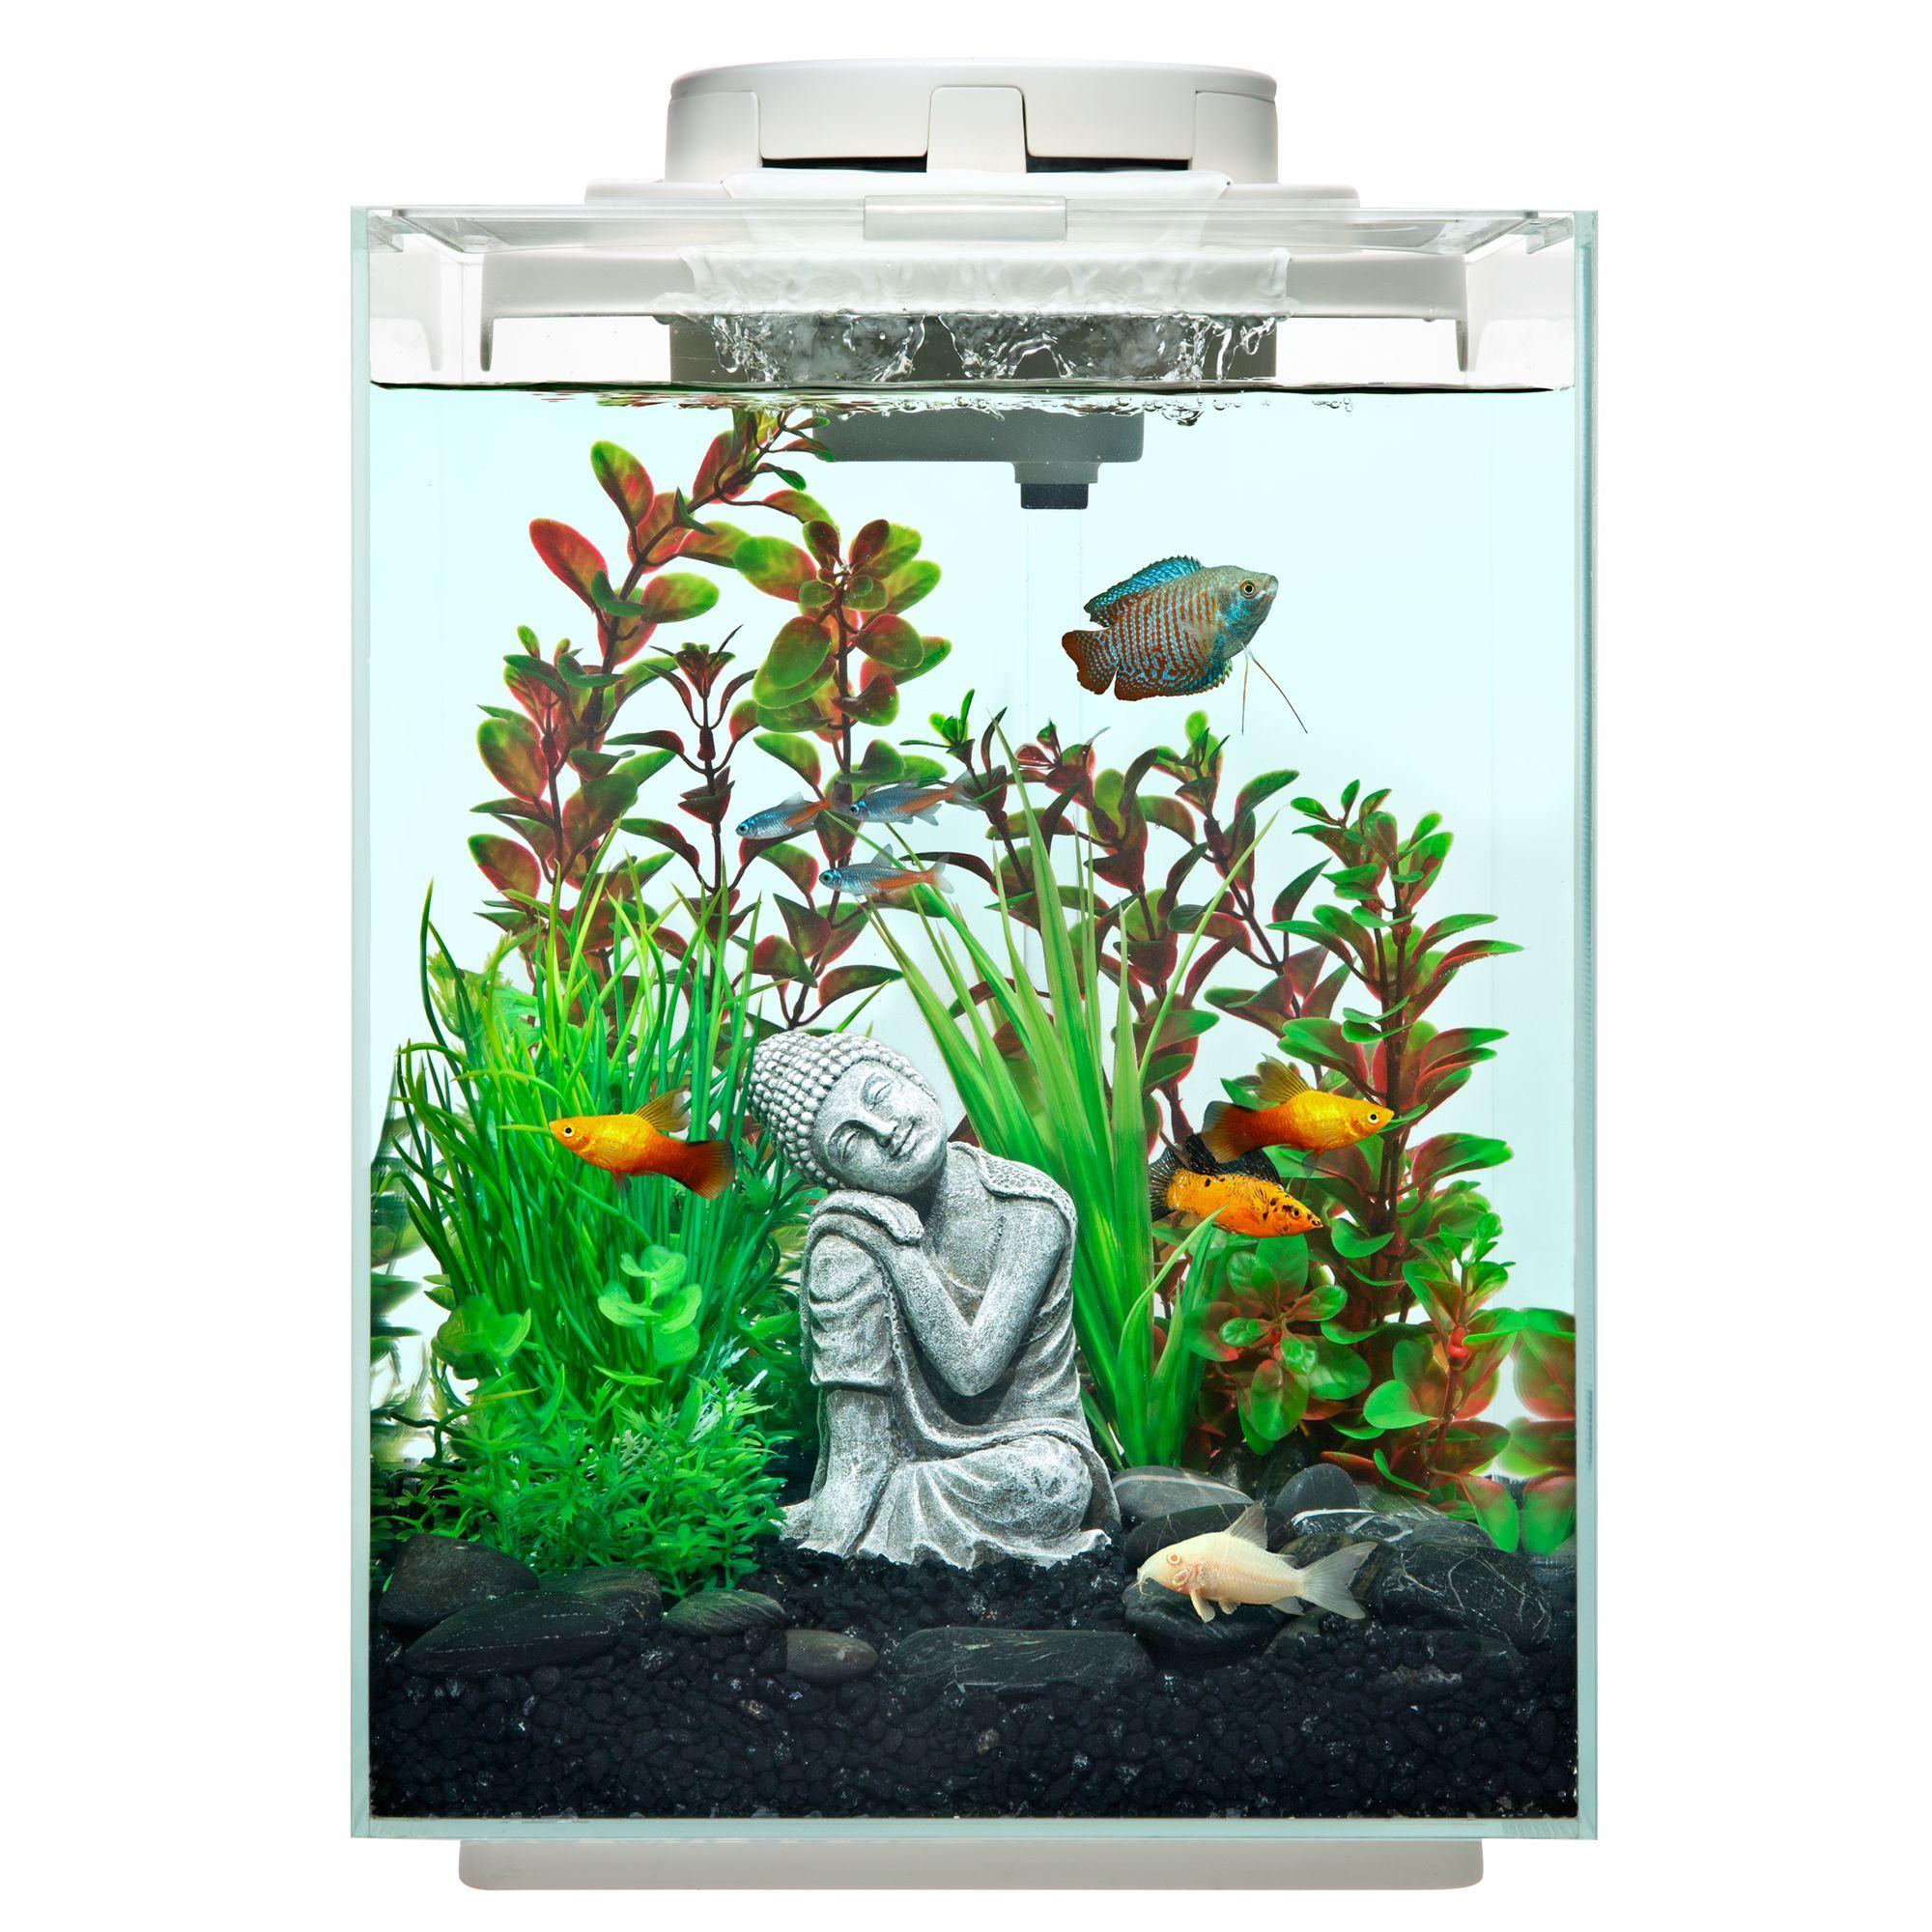 Top Fin Revival Waterfall Desk Aquarium 5 Gallon In 2020 Pet Spray Aquarium Betta Fish Tank